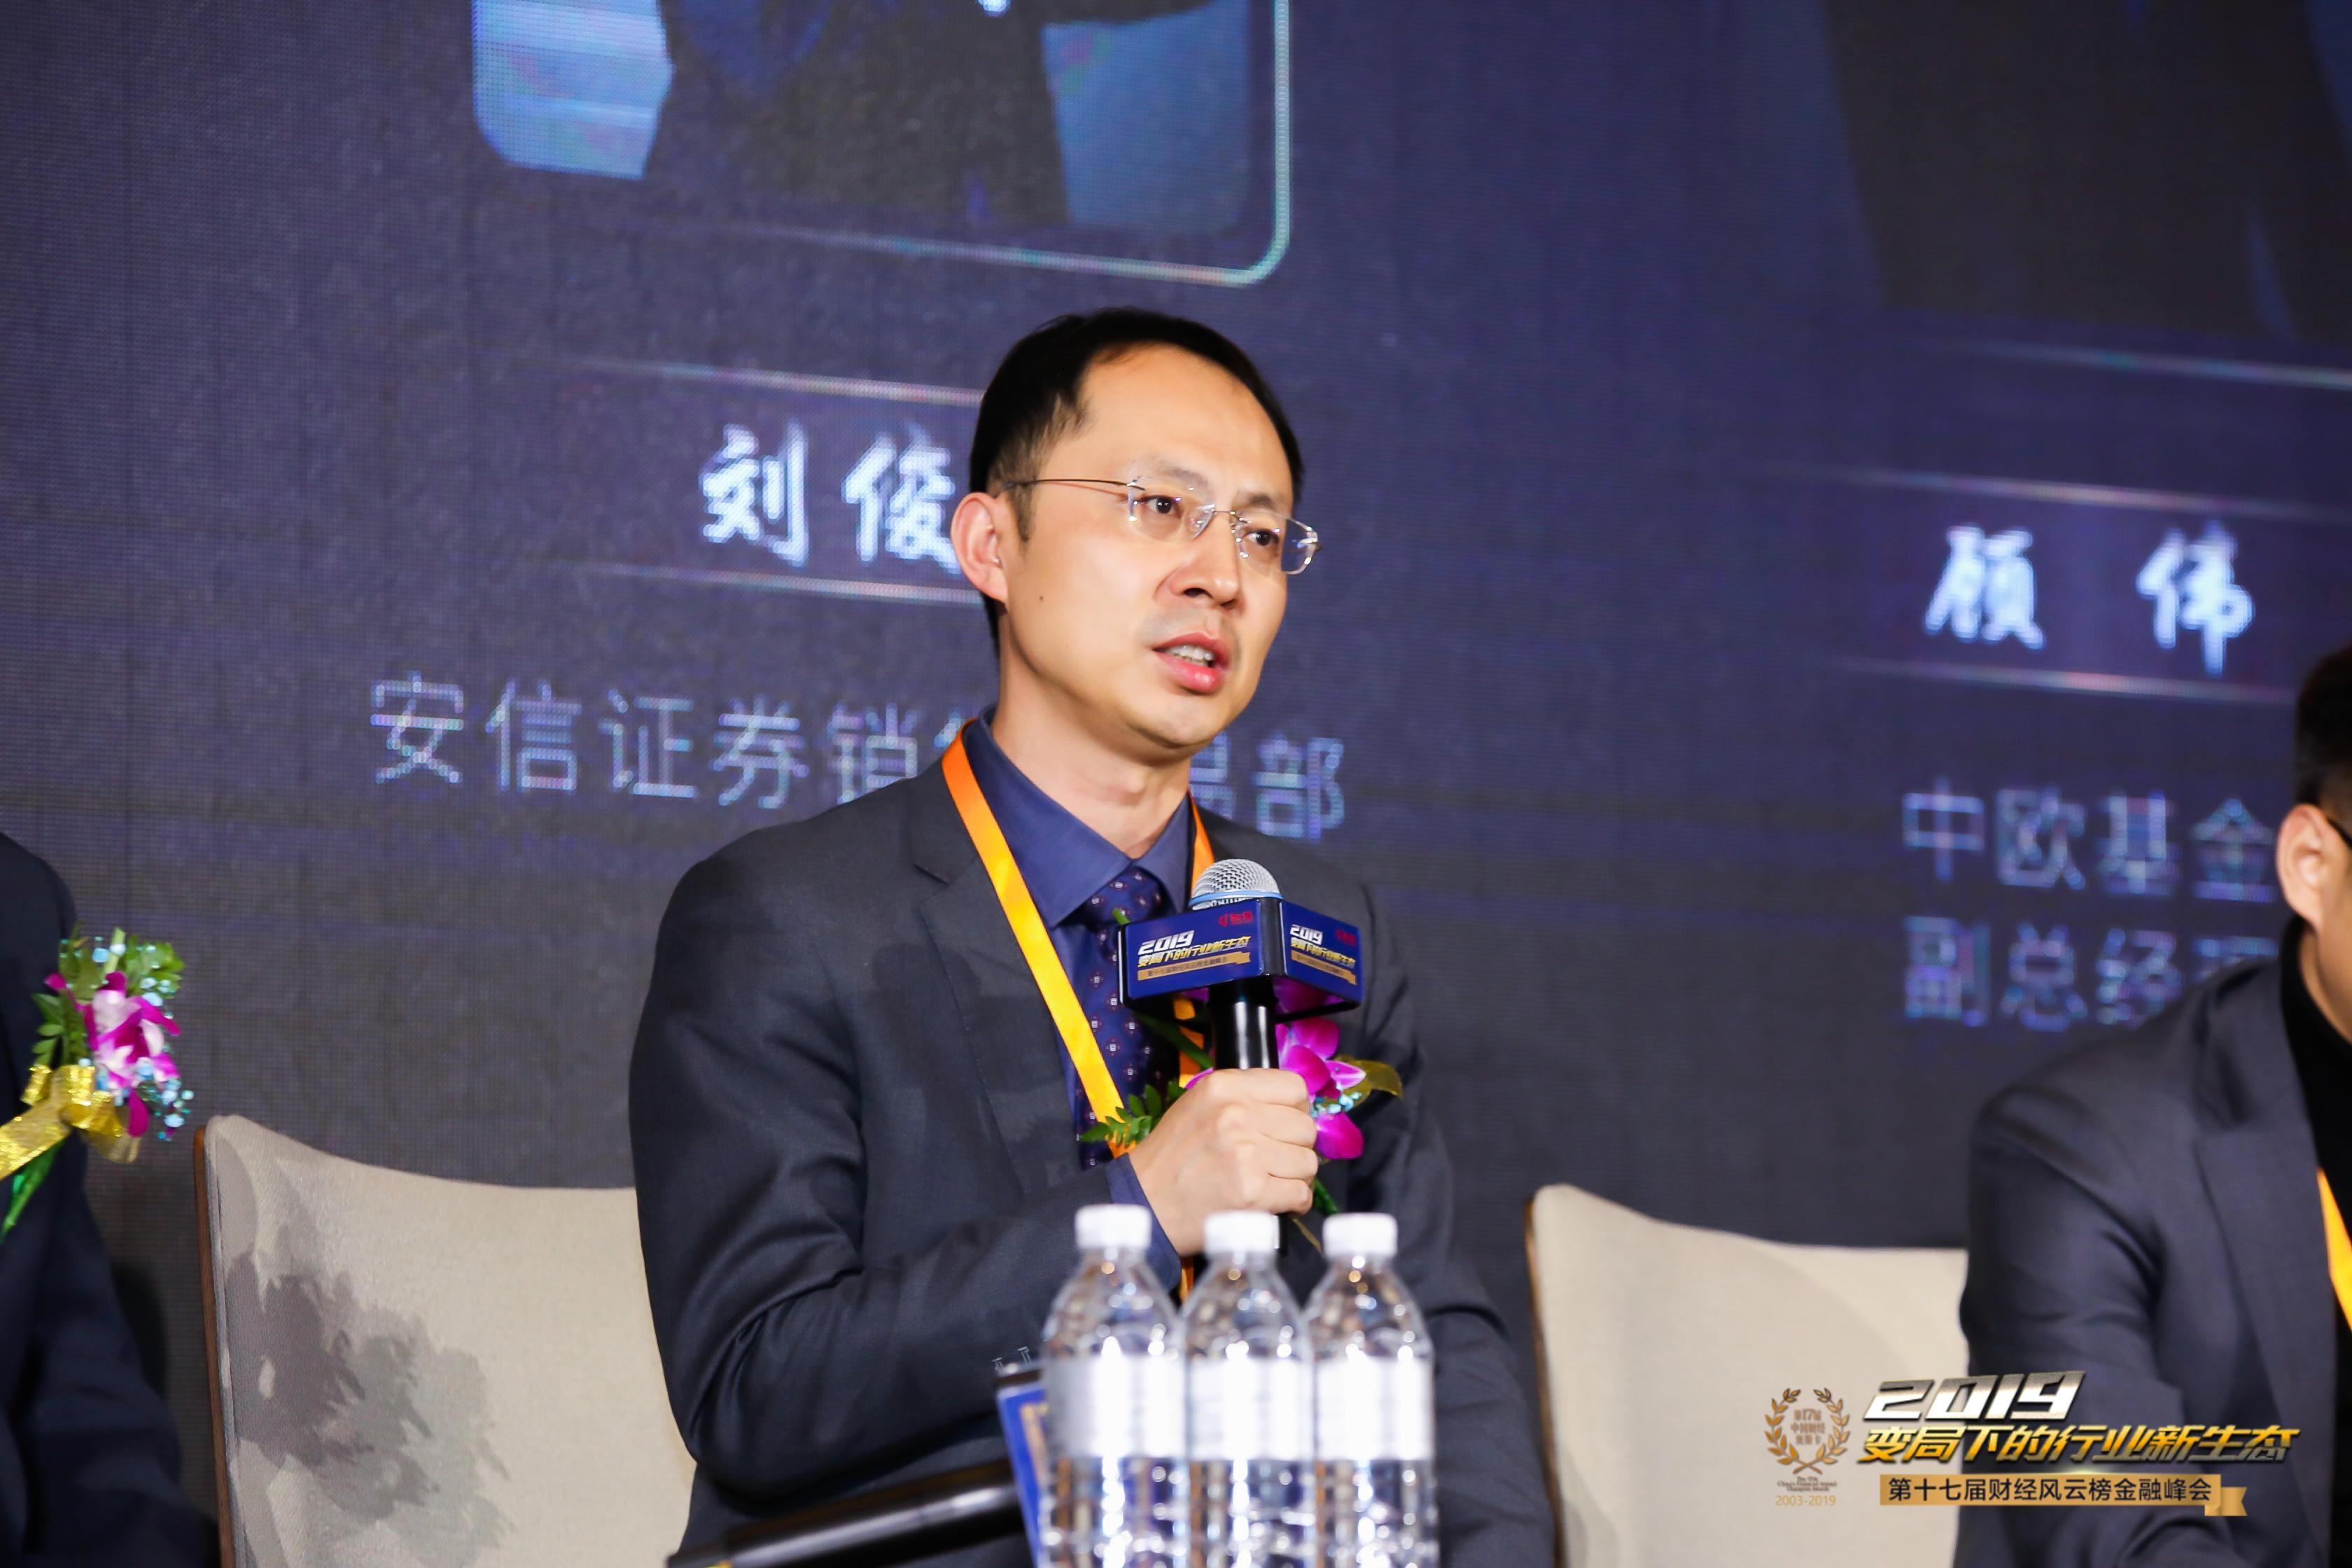 曲东荣:本次股权放开与过往有三大明显不同